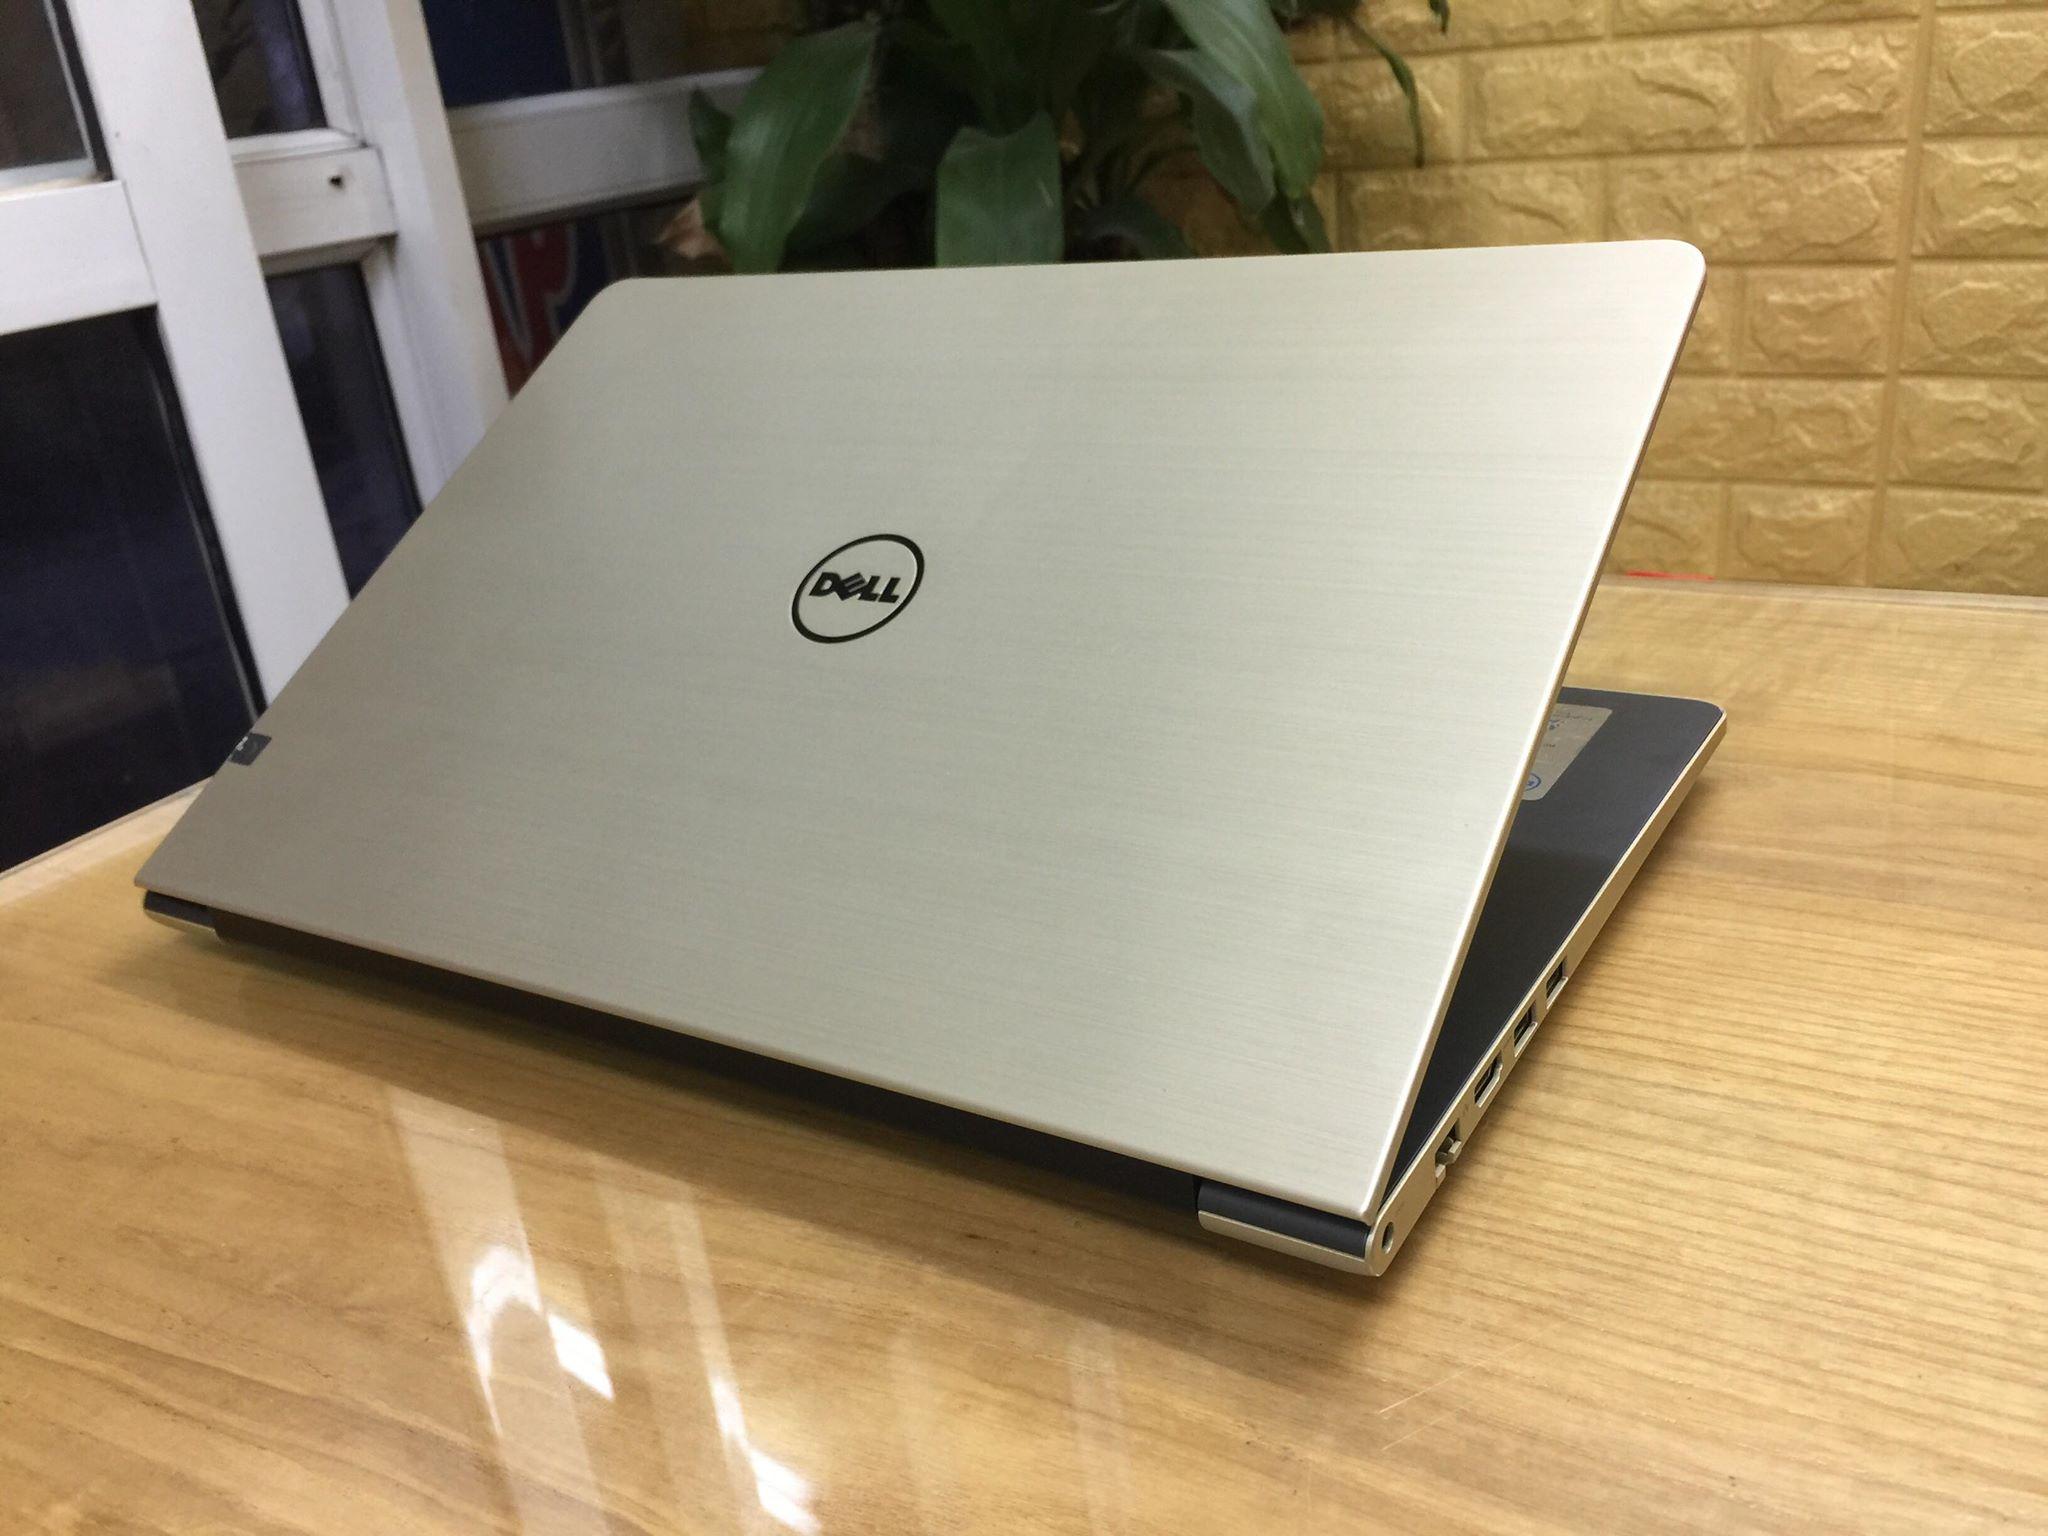 DELL VOSTRO V5568 Core i5 – 7200U/ RAM 4GB/ HDD 500GB/ Intel HD Graphics/ 15.6 inch